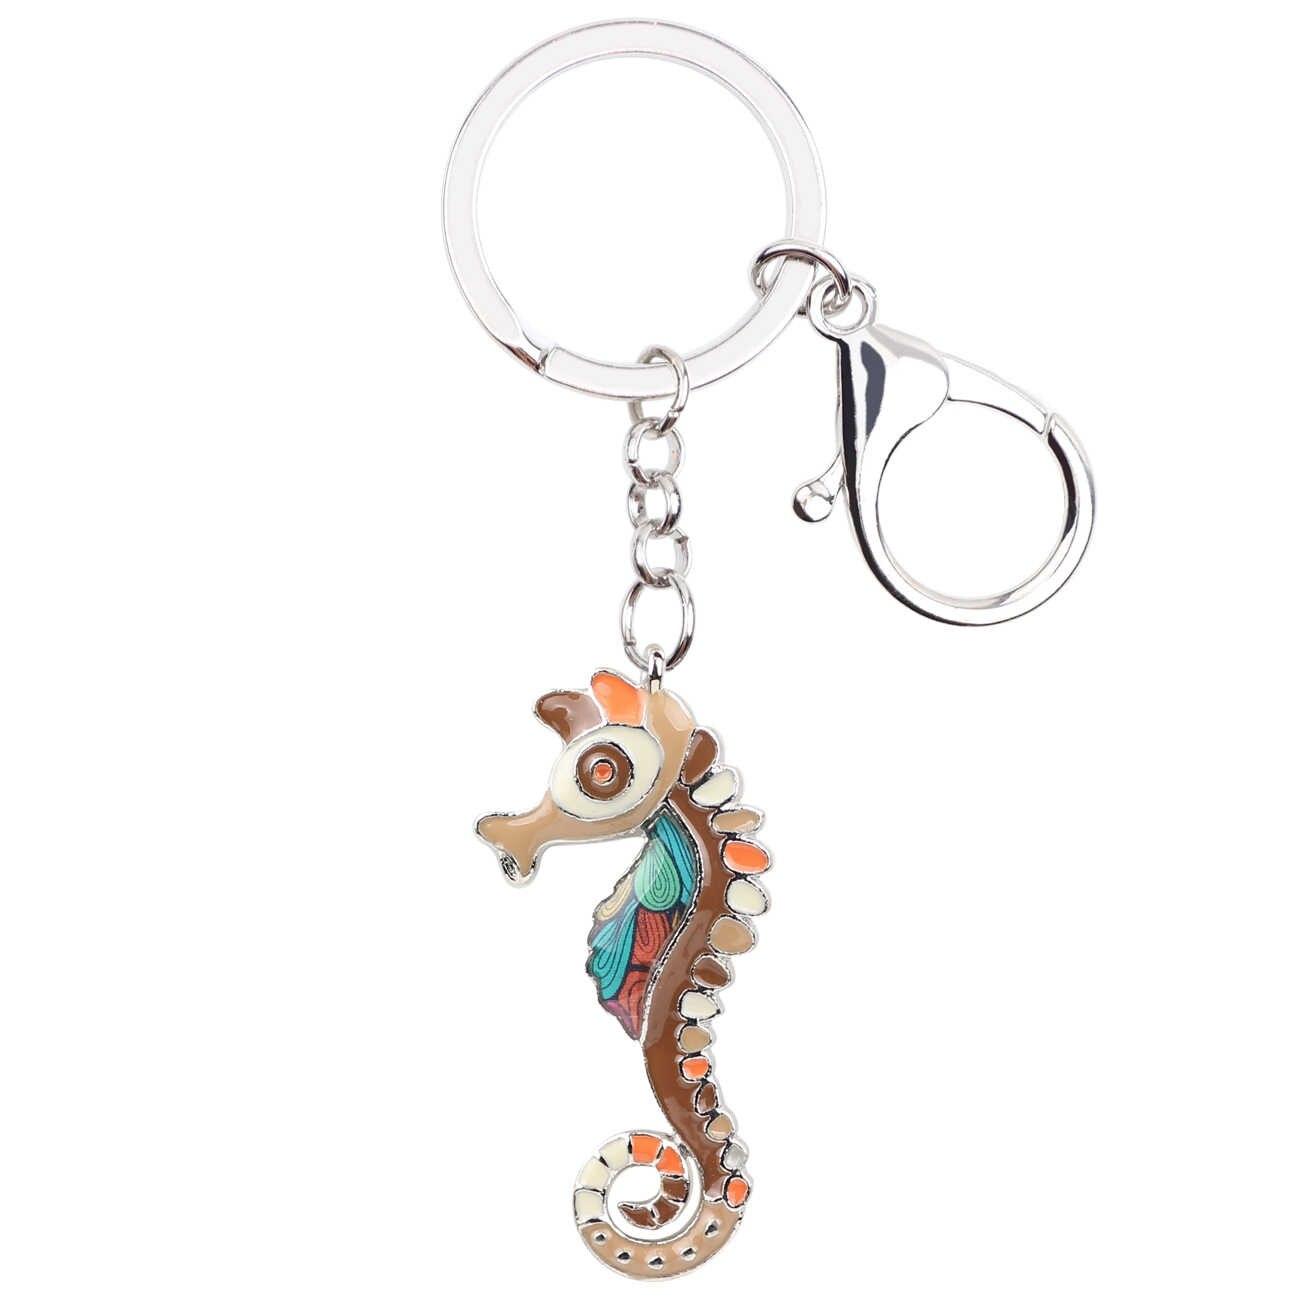 Bonsny المينا الحصين البحر الحصان يد حقيبة سحر مفتاح سلسلة مفتاح حلقة المفاتيح الموضة المحيط الحيوان مجوهرات للنساء